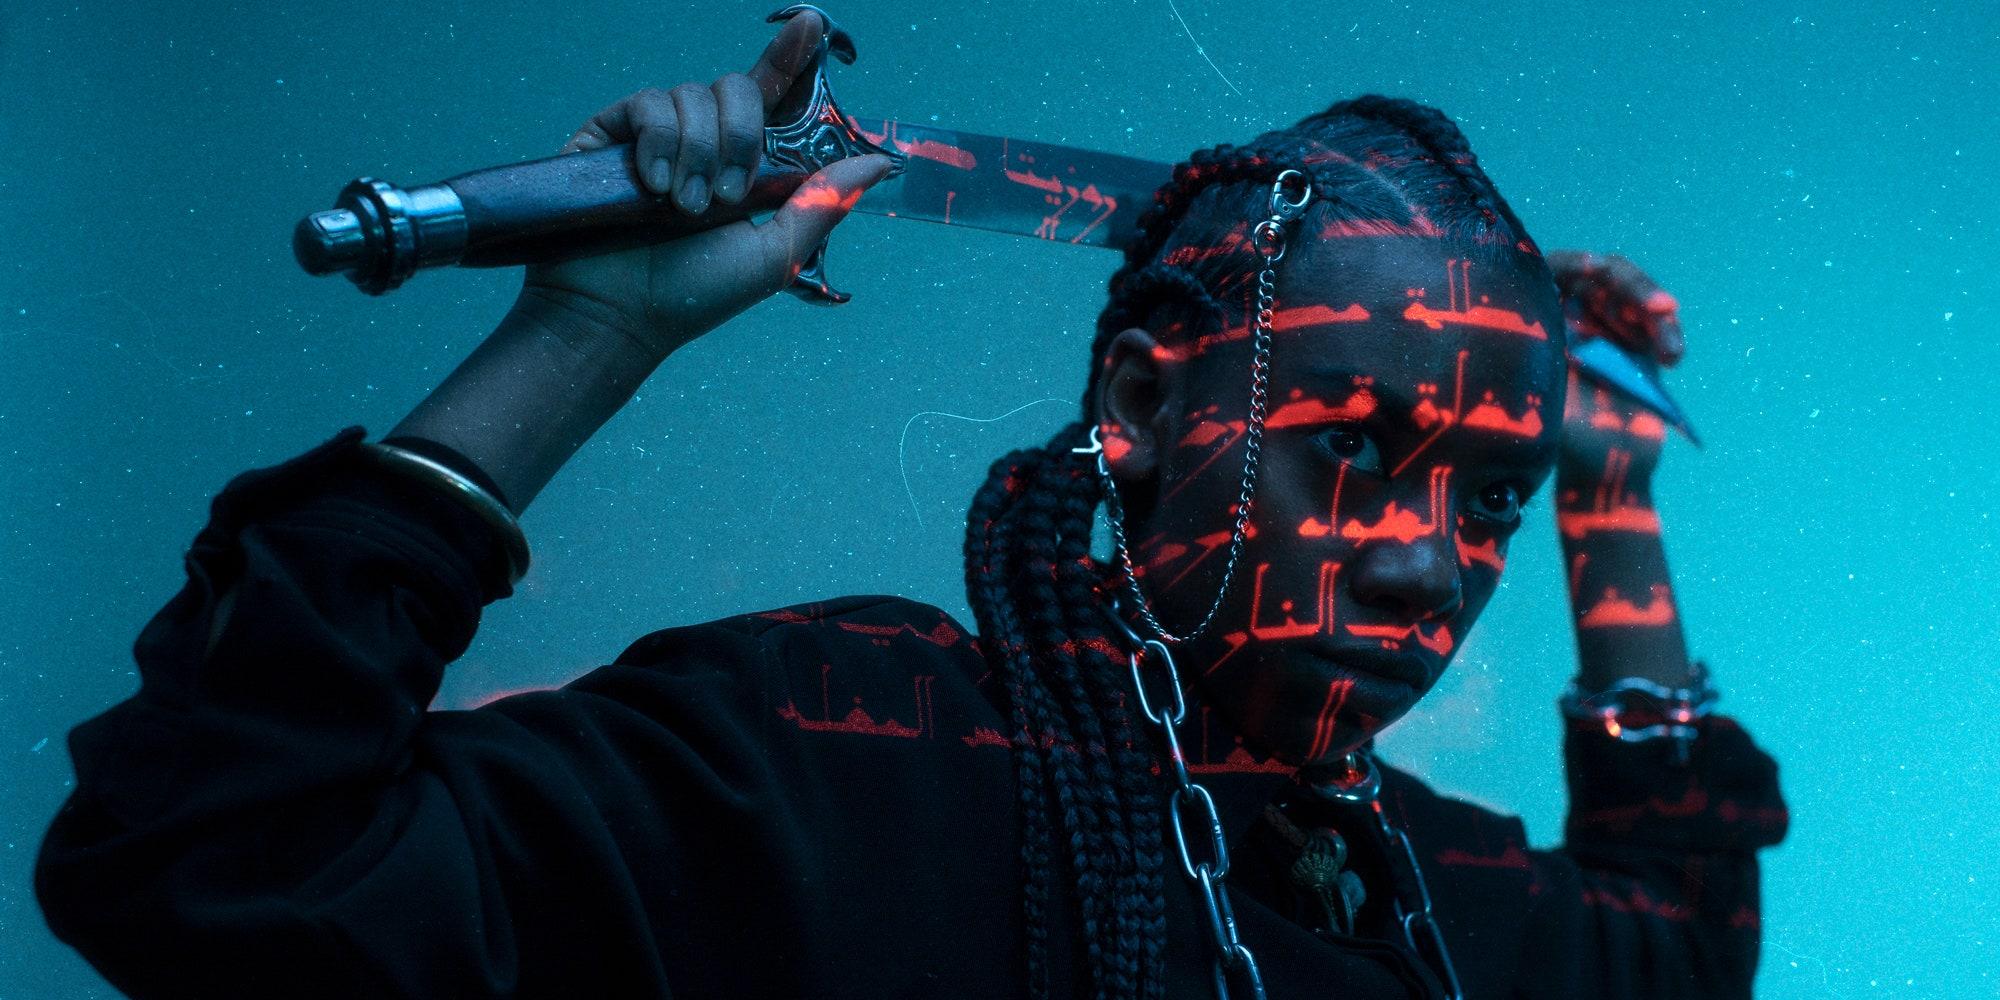 Dua Saleh lança ep recheado com seu rap envolvente: 'ROSETTA'